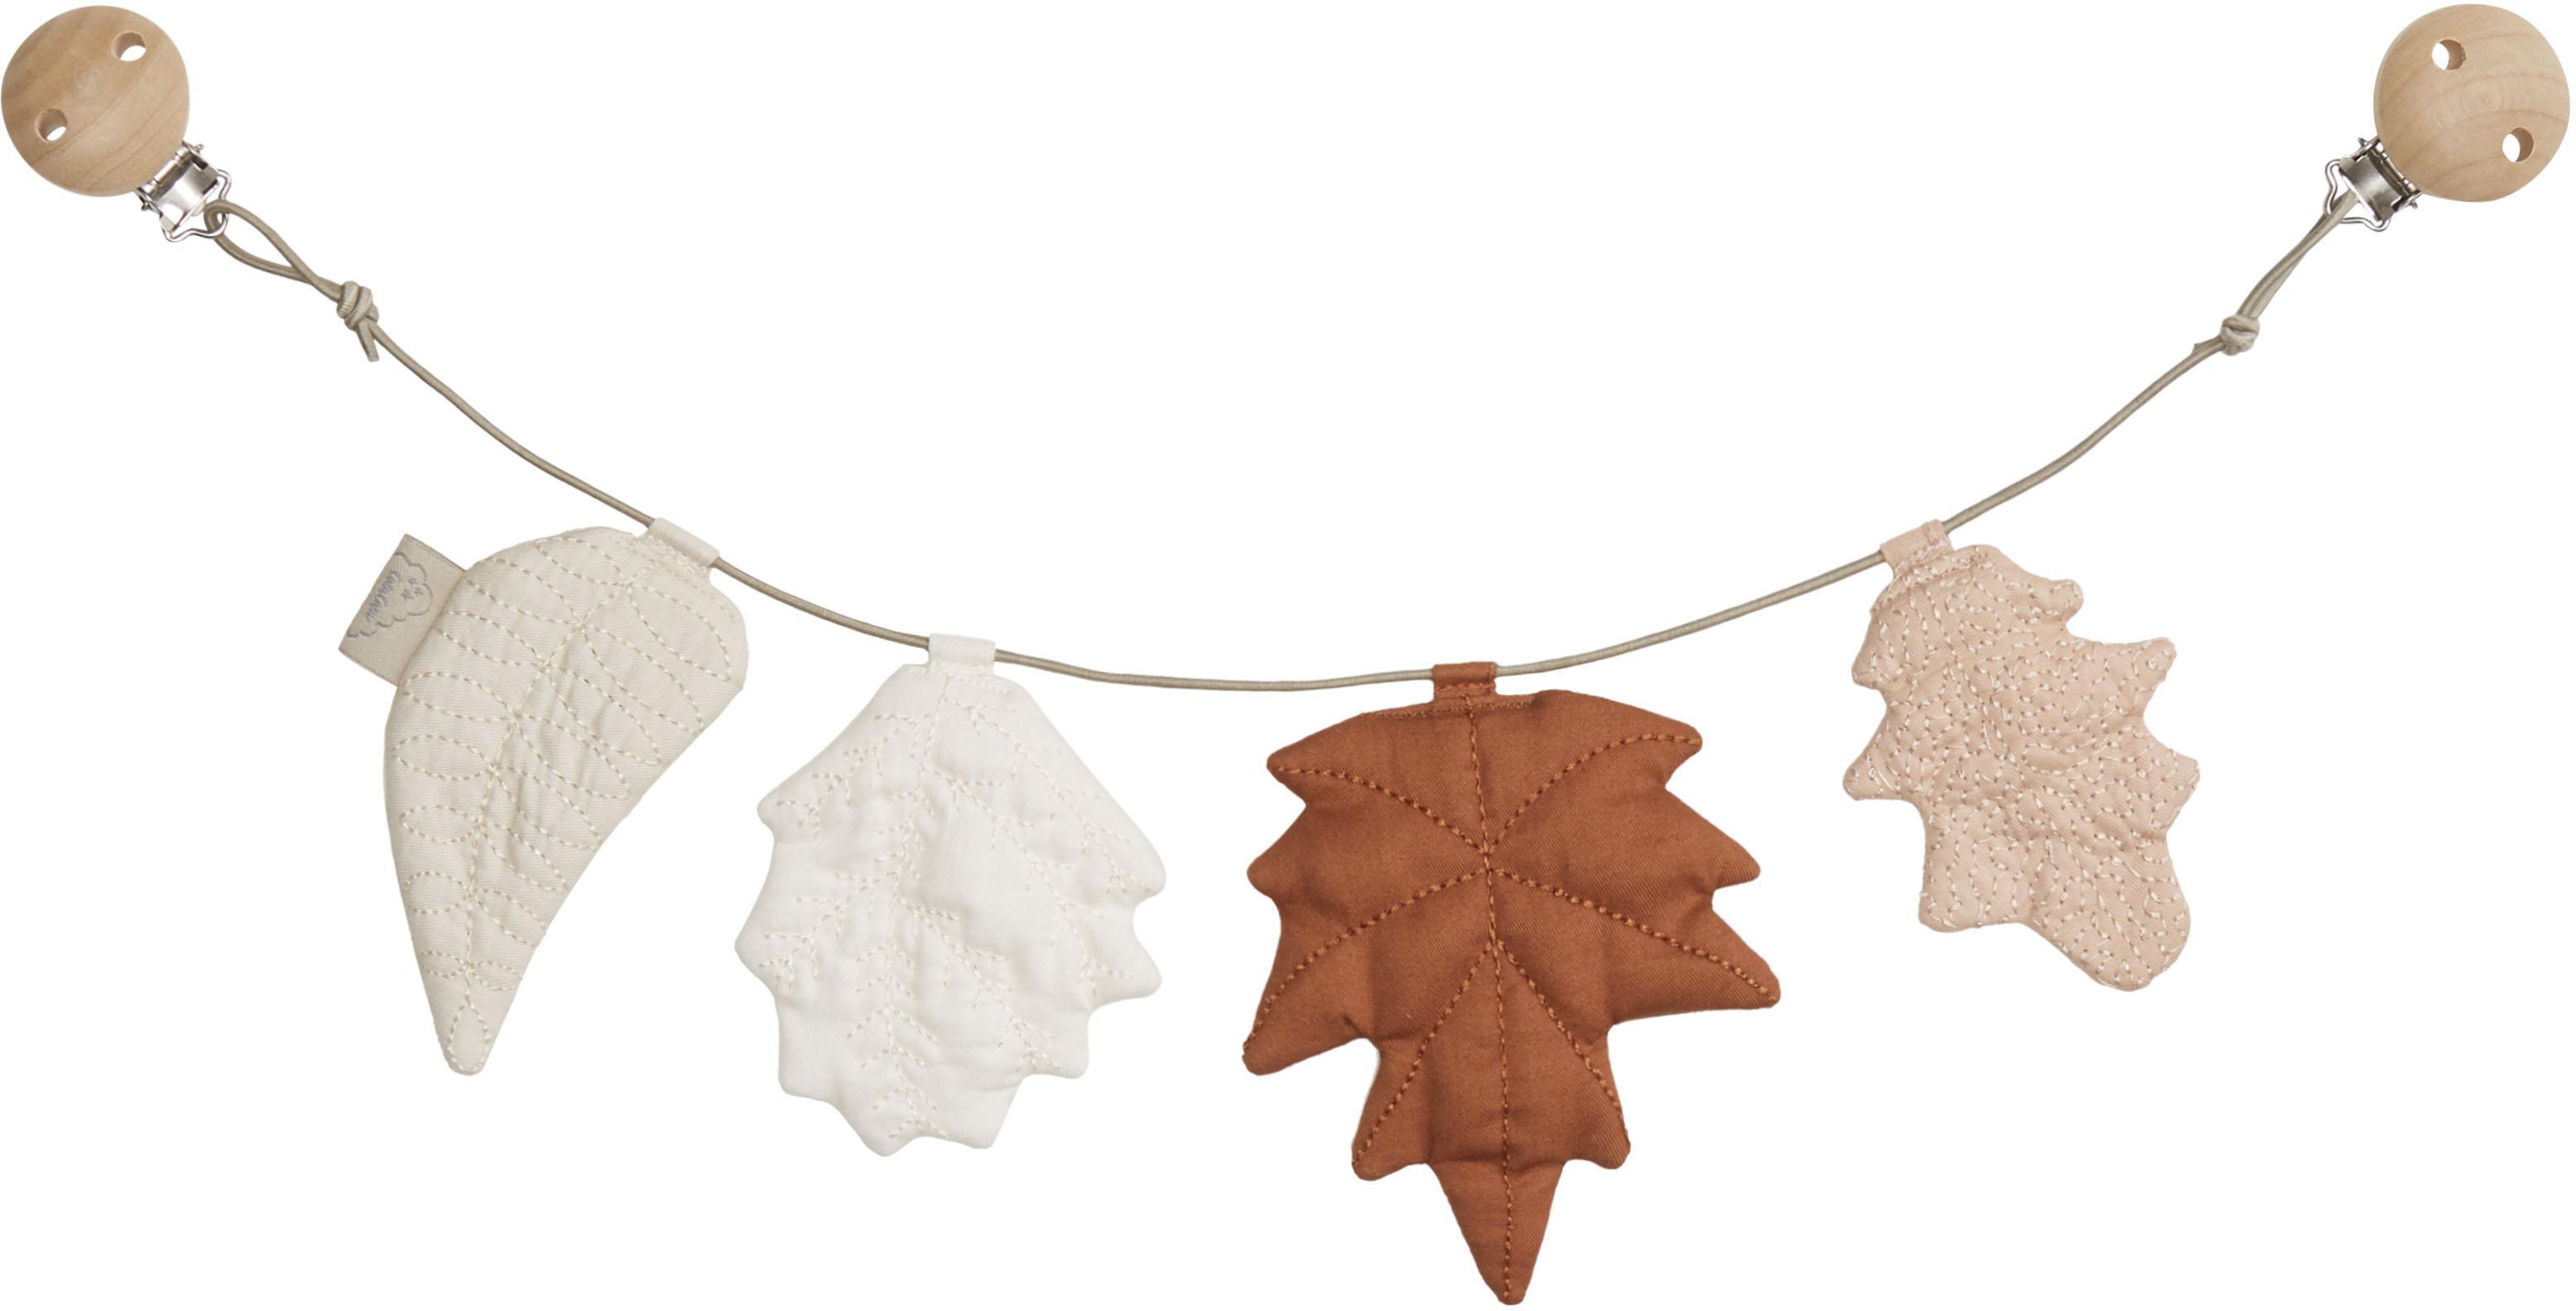 Kinderwagenkette Leaves aus Bio-Baumwolle, 100% Bio-Baumwolle, Braun, Beigetöne, L 50 x H 16 cm